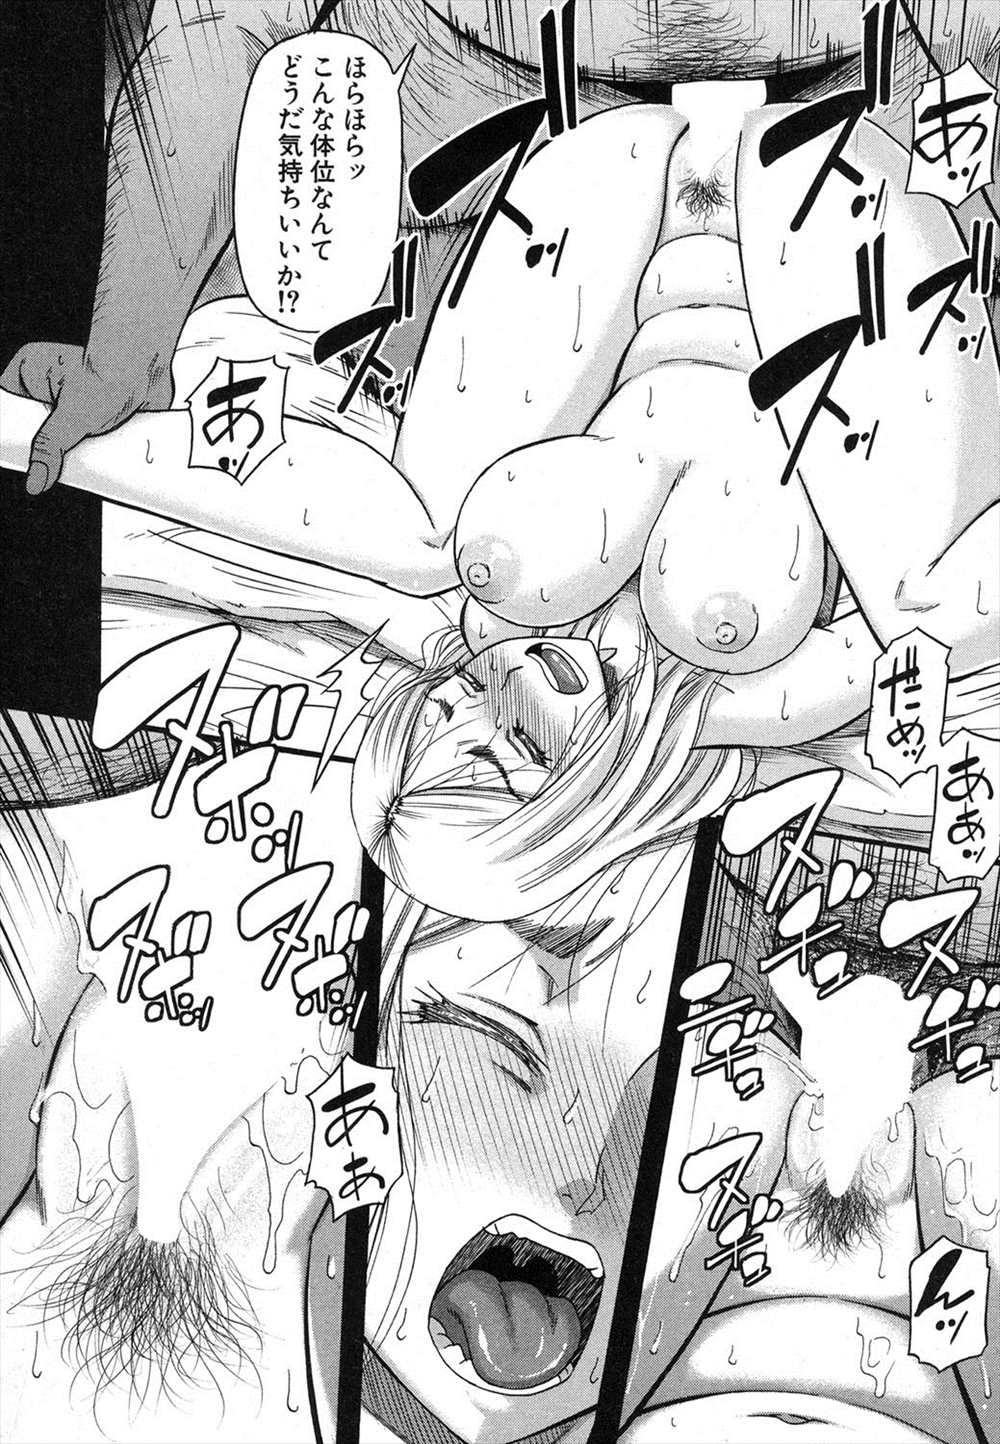 【エロ漫画】世界一のチンコを持っている男が女上司や先輩の女をNTRレイプしまくっているwww